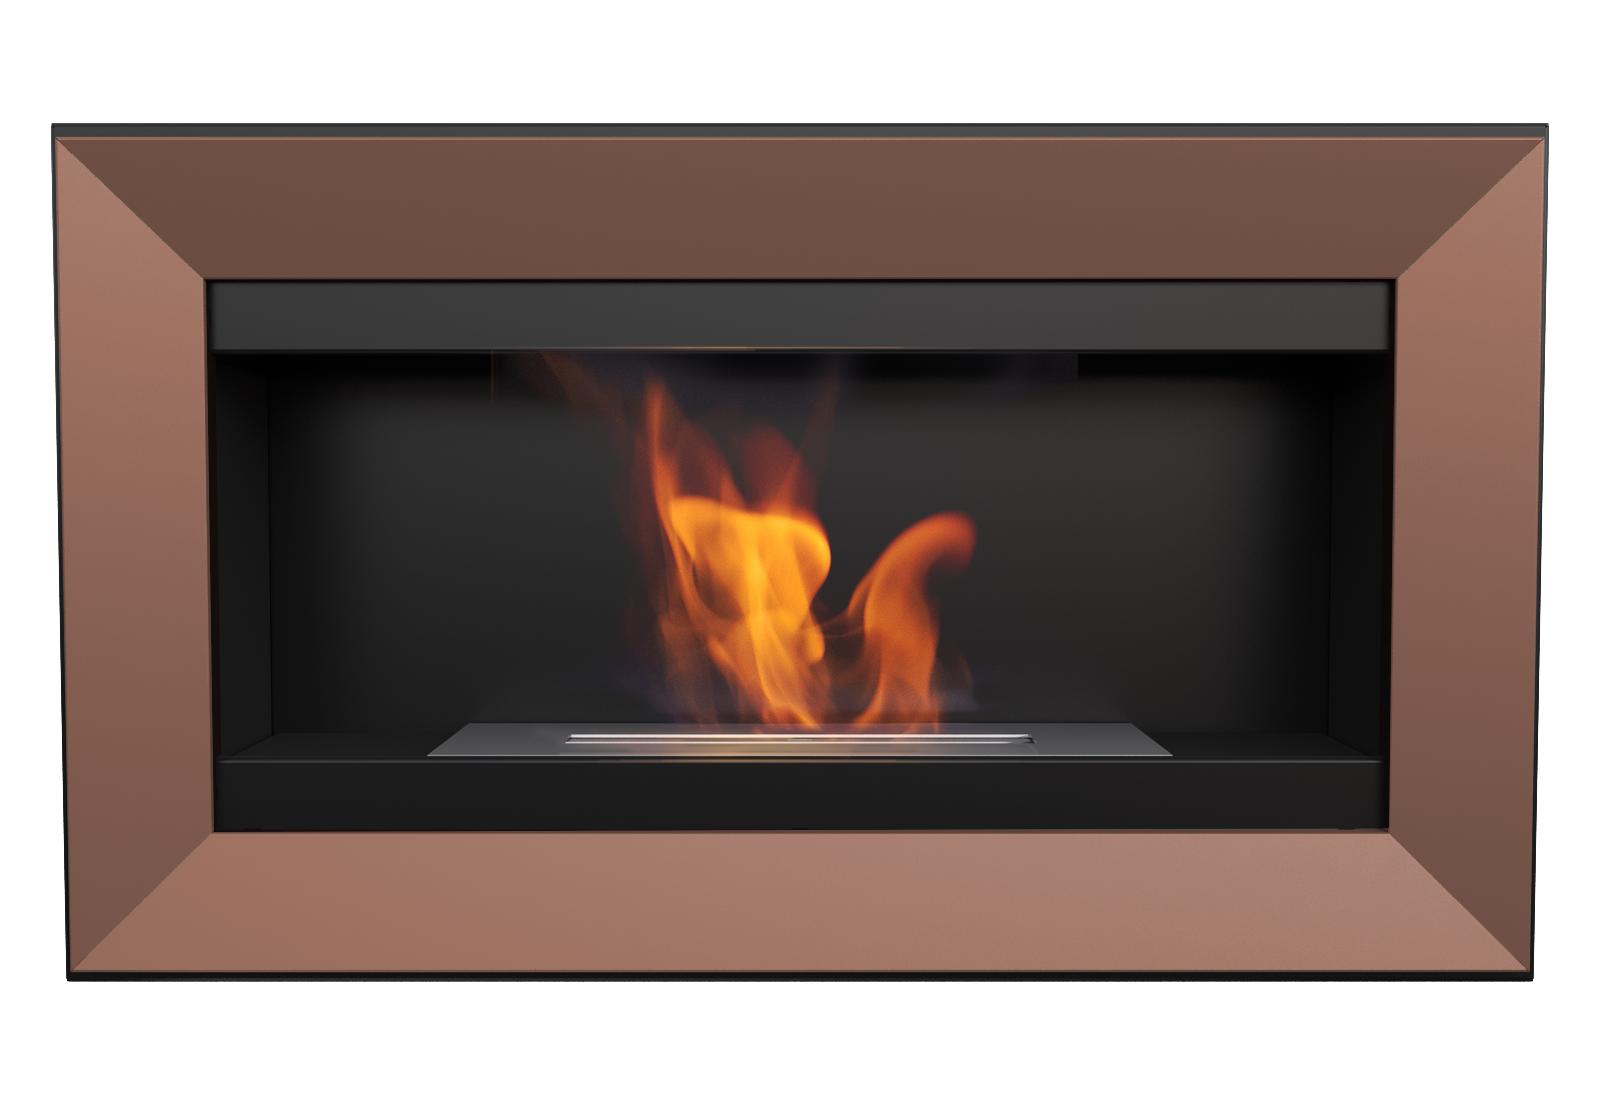 kupfer biokamin dekorativkamin bio ethanol kamin gelkamin wandkamin t v gepr ft. Black Bedroom Furniture Sets. Home Design Ideas